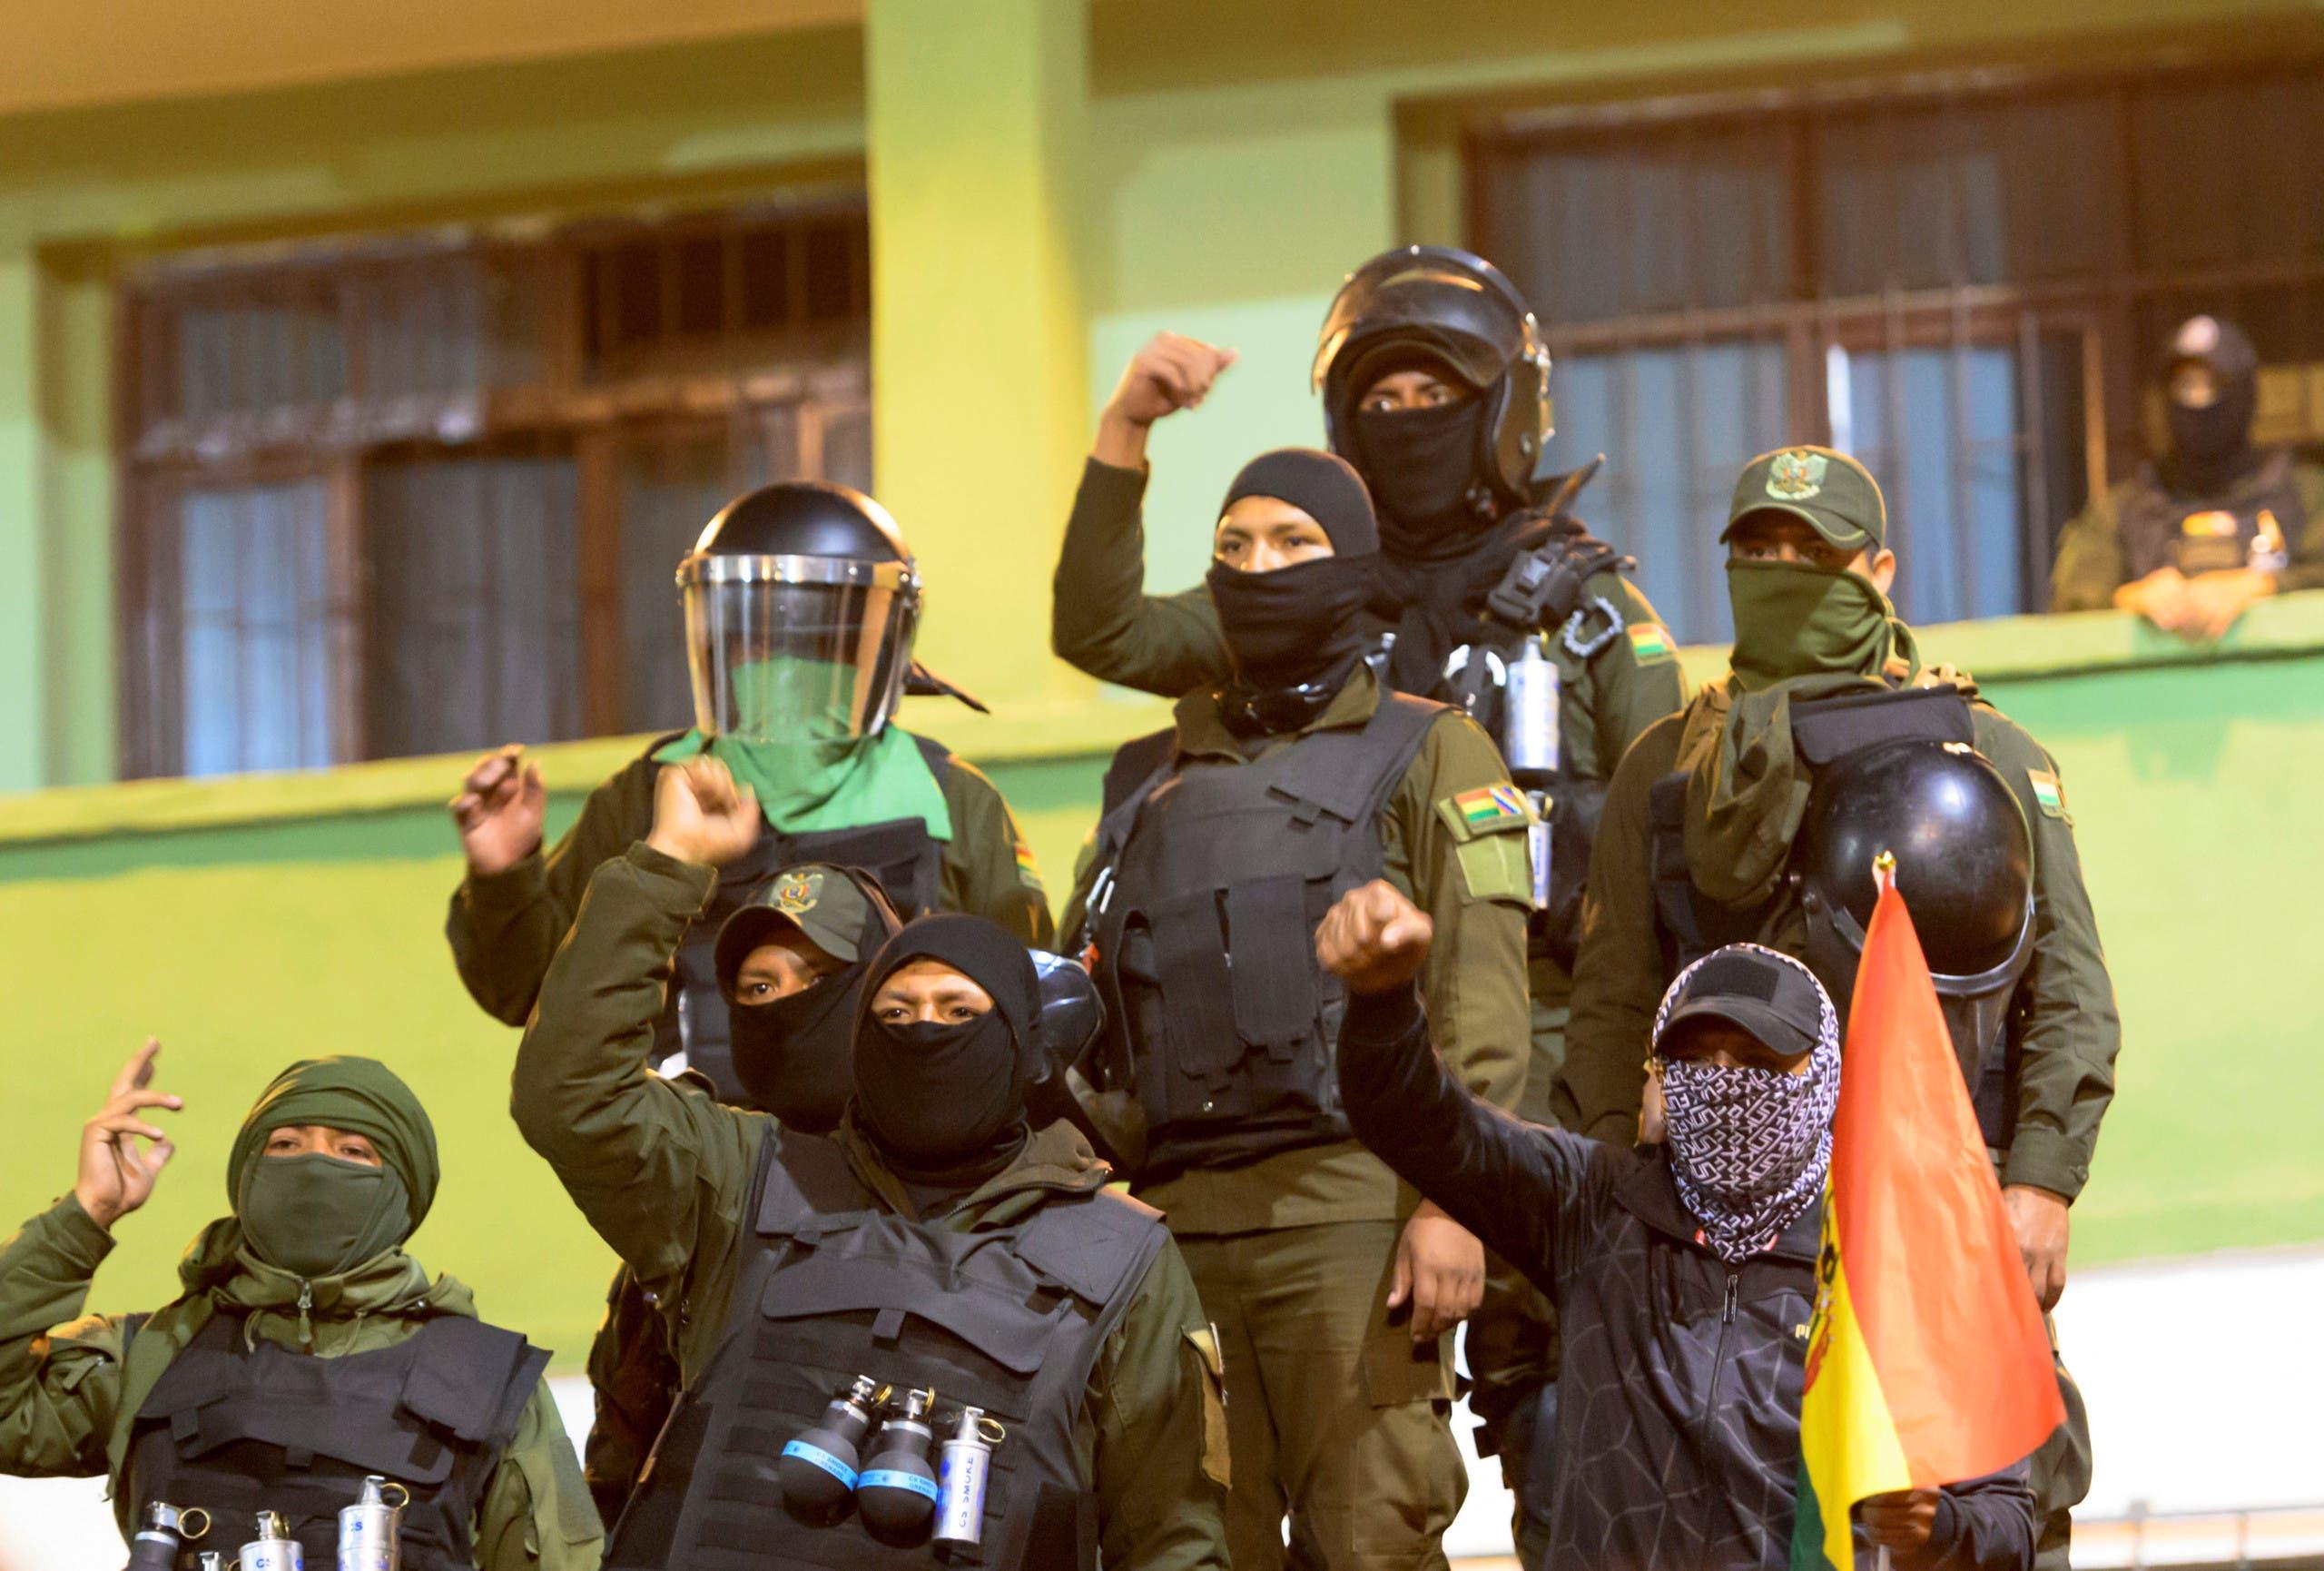 من انقلاب وحدات الشرطة البوليفية ضد الرئيس موراليس